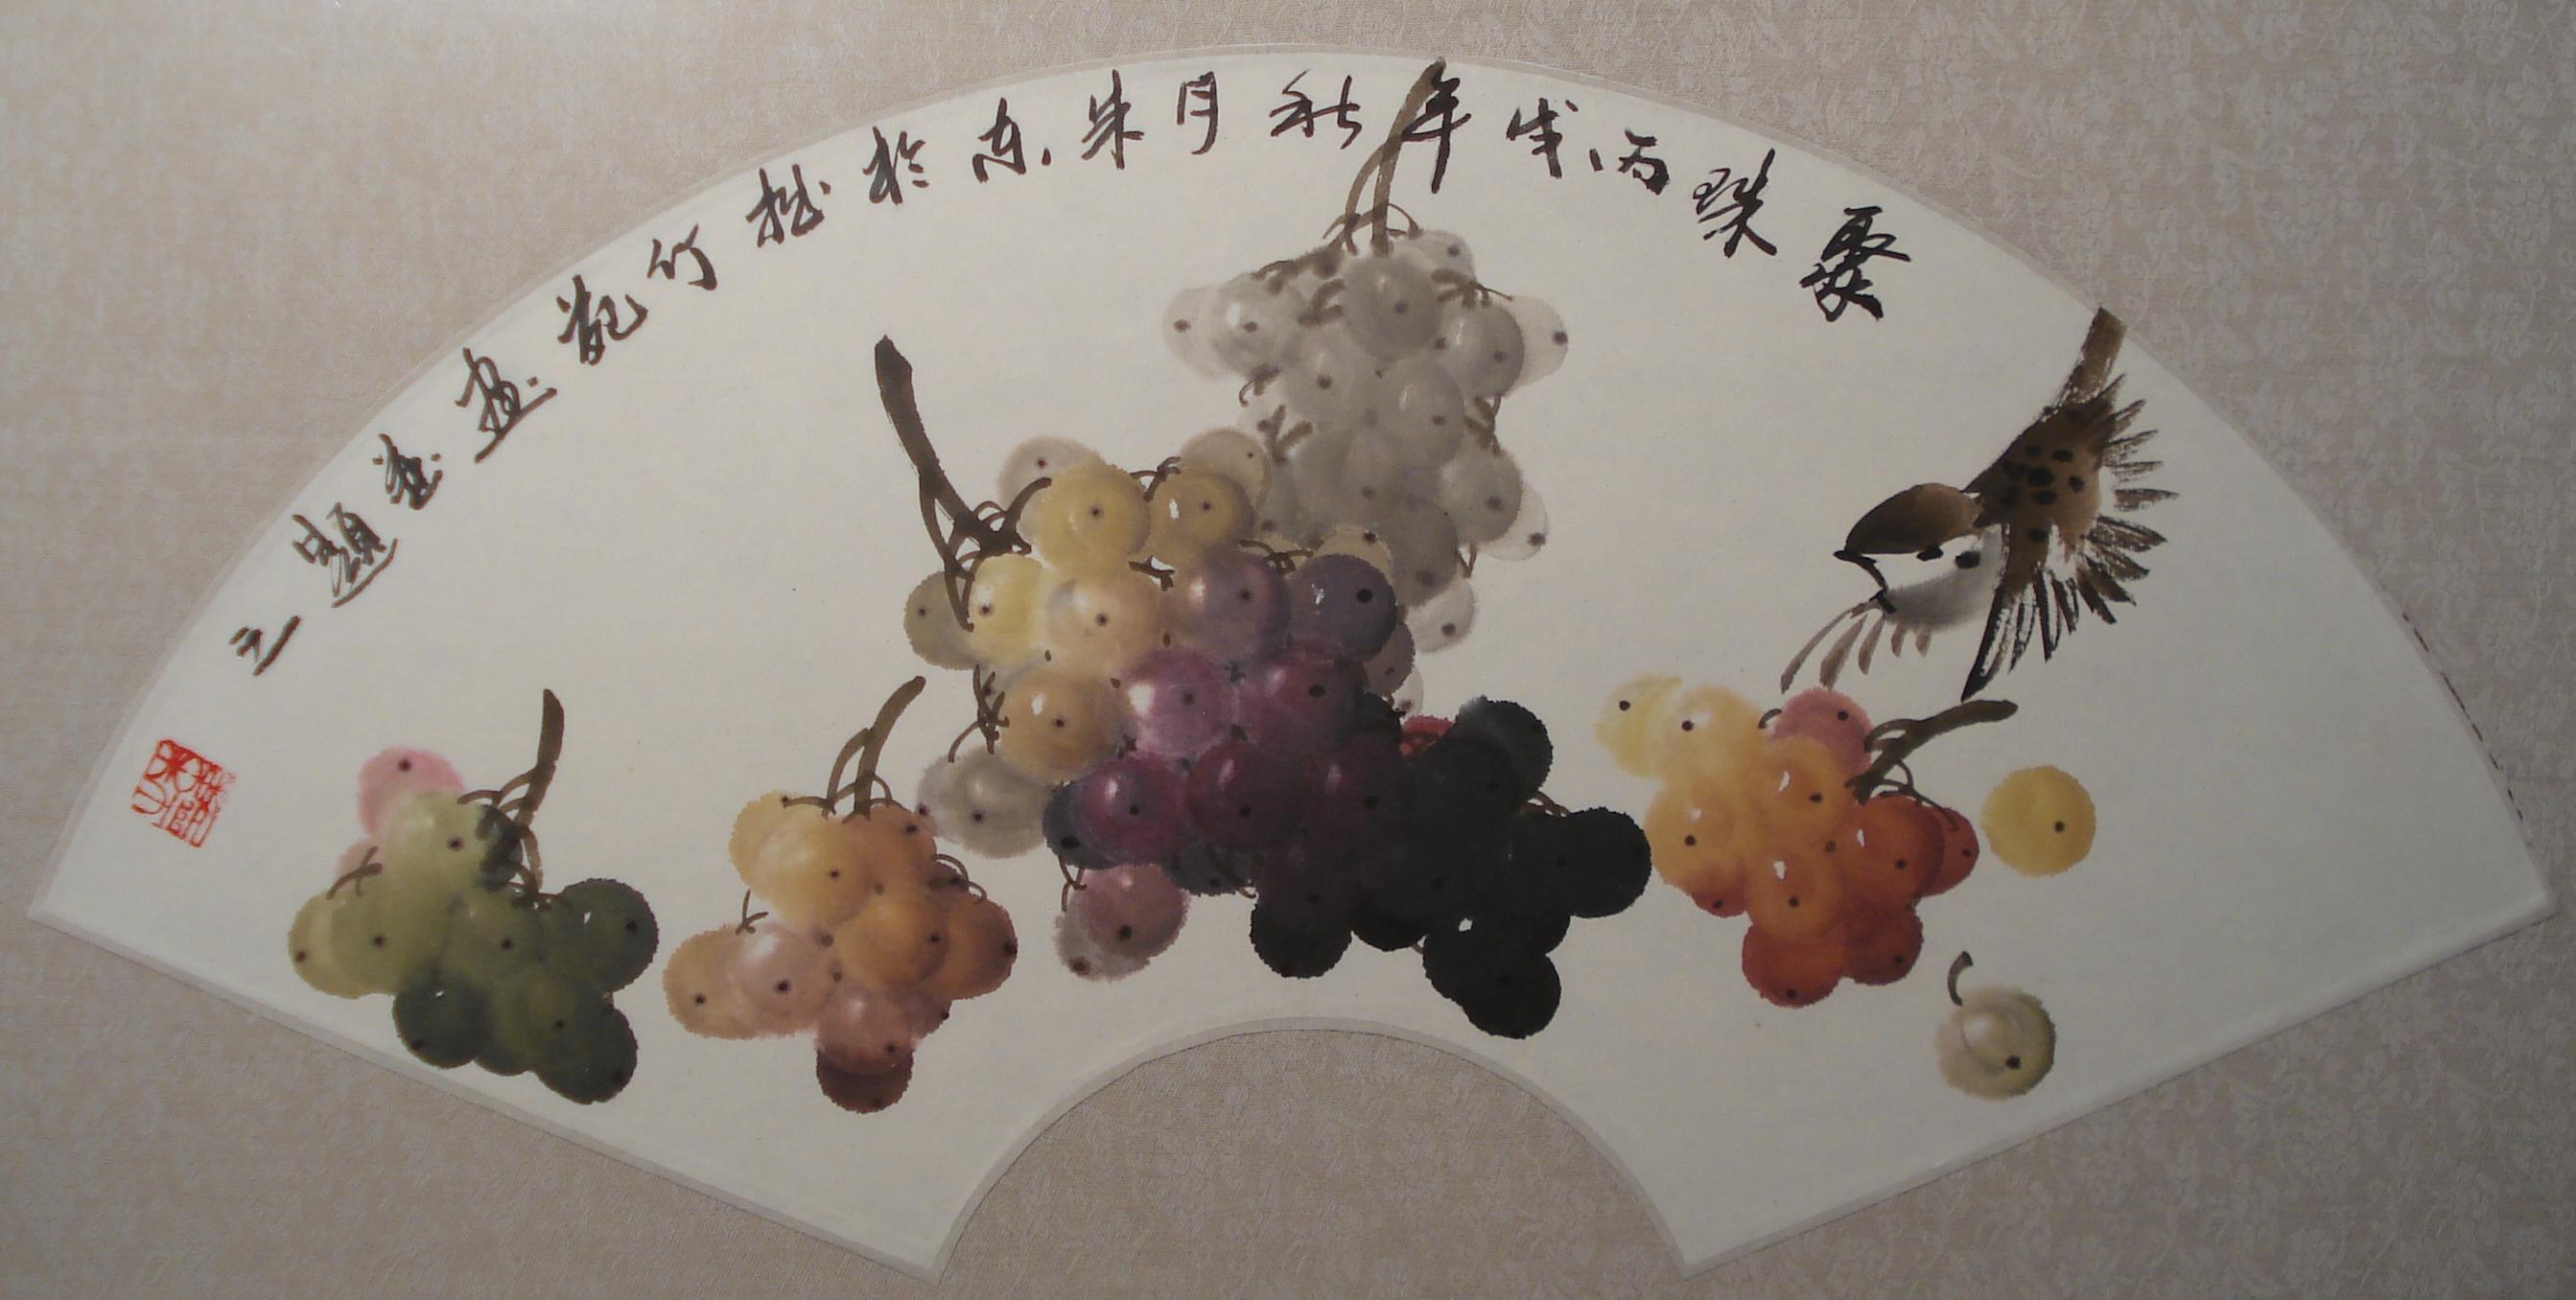 【国画书】葡萄的步骤画法